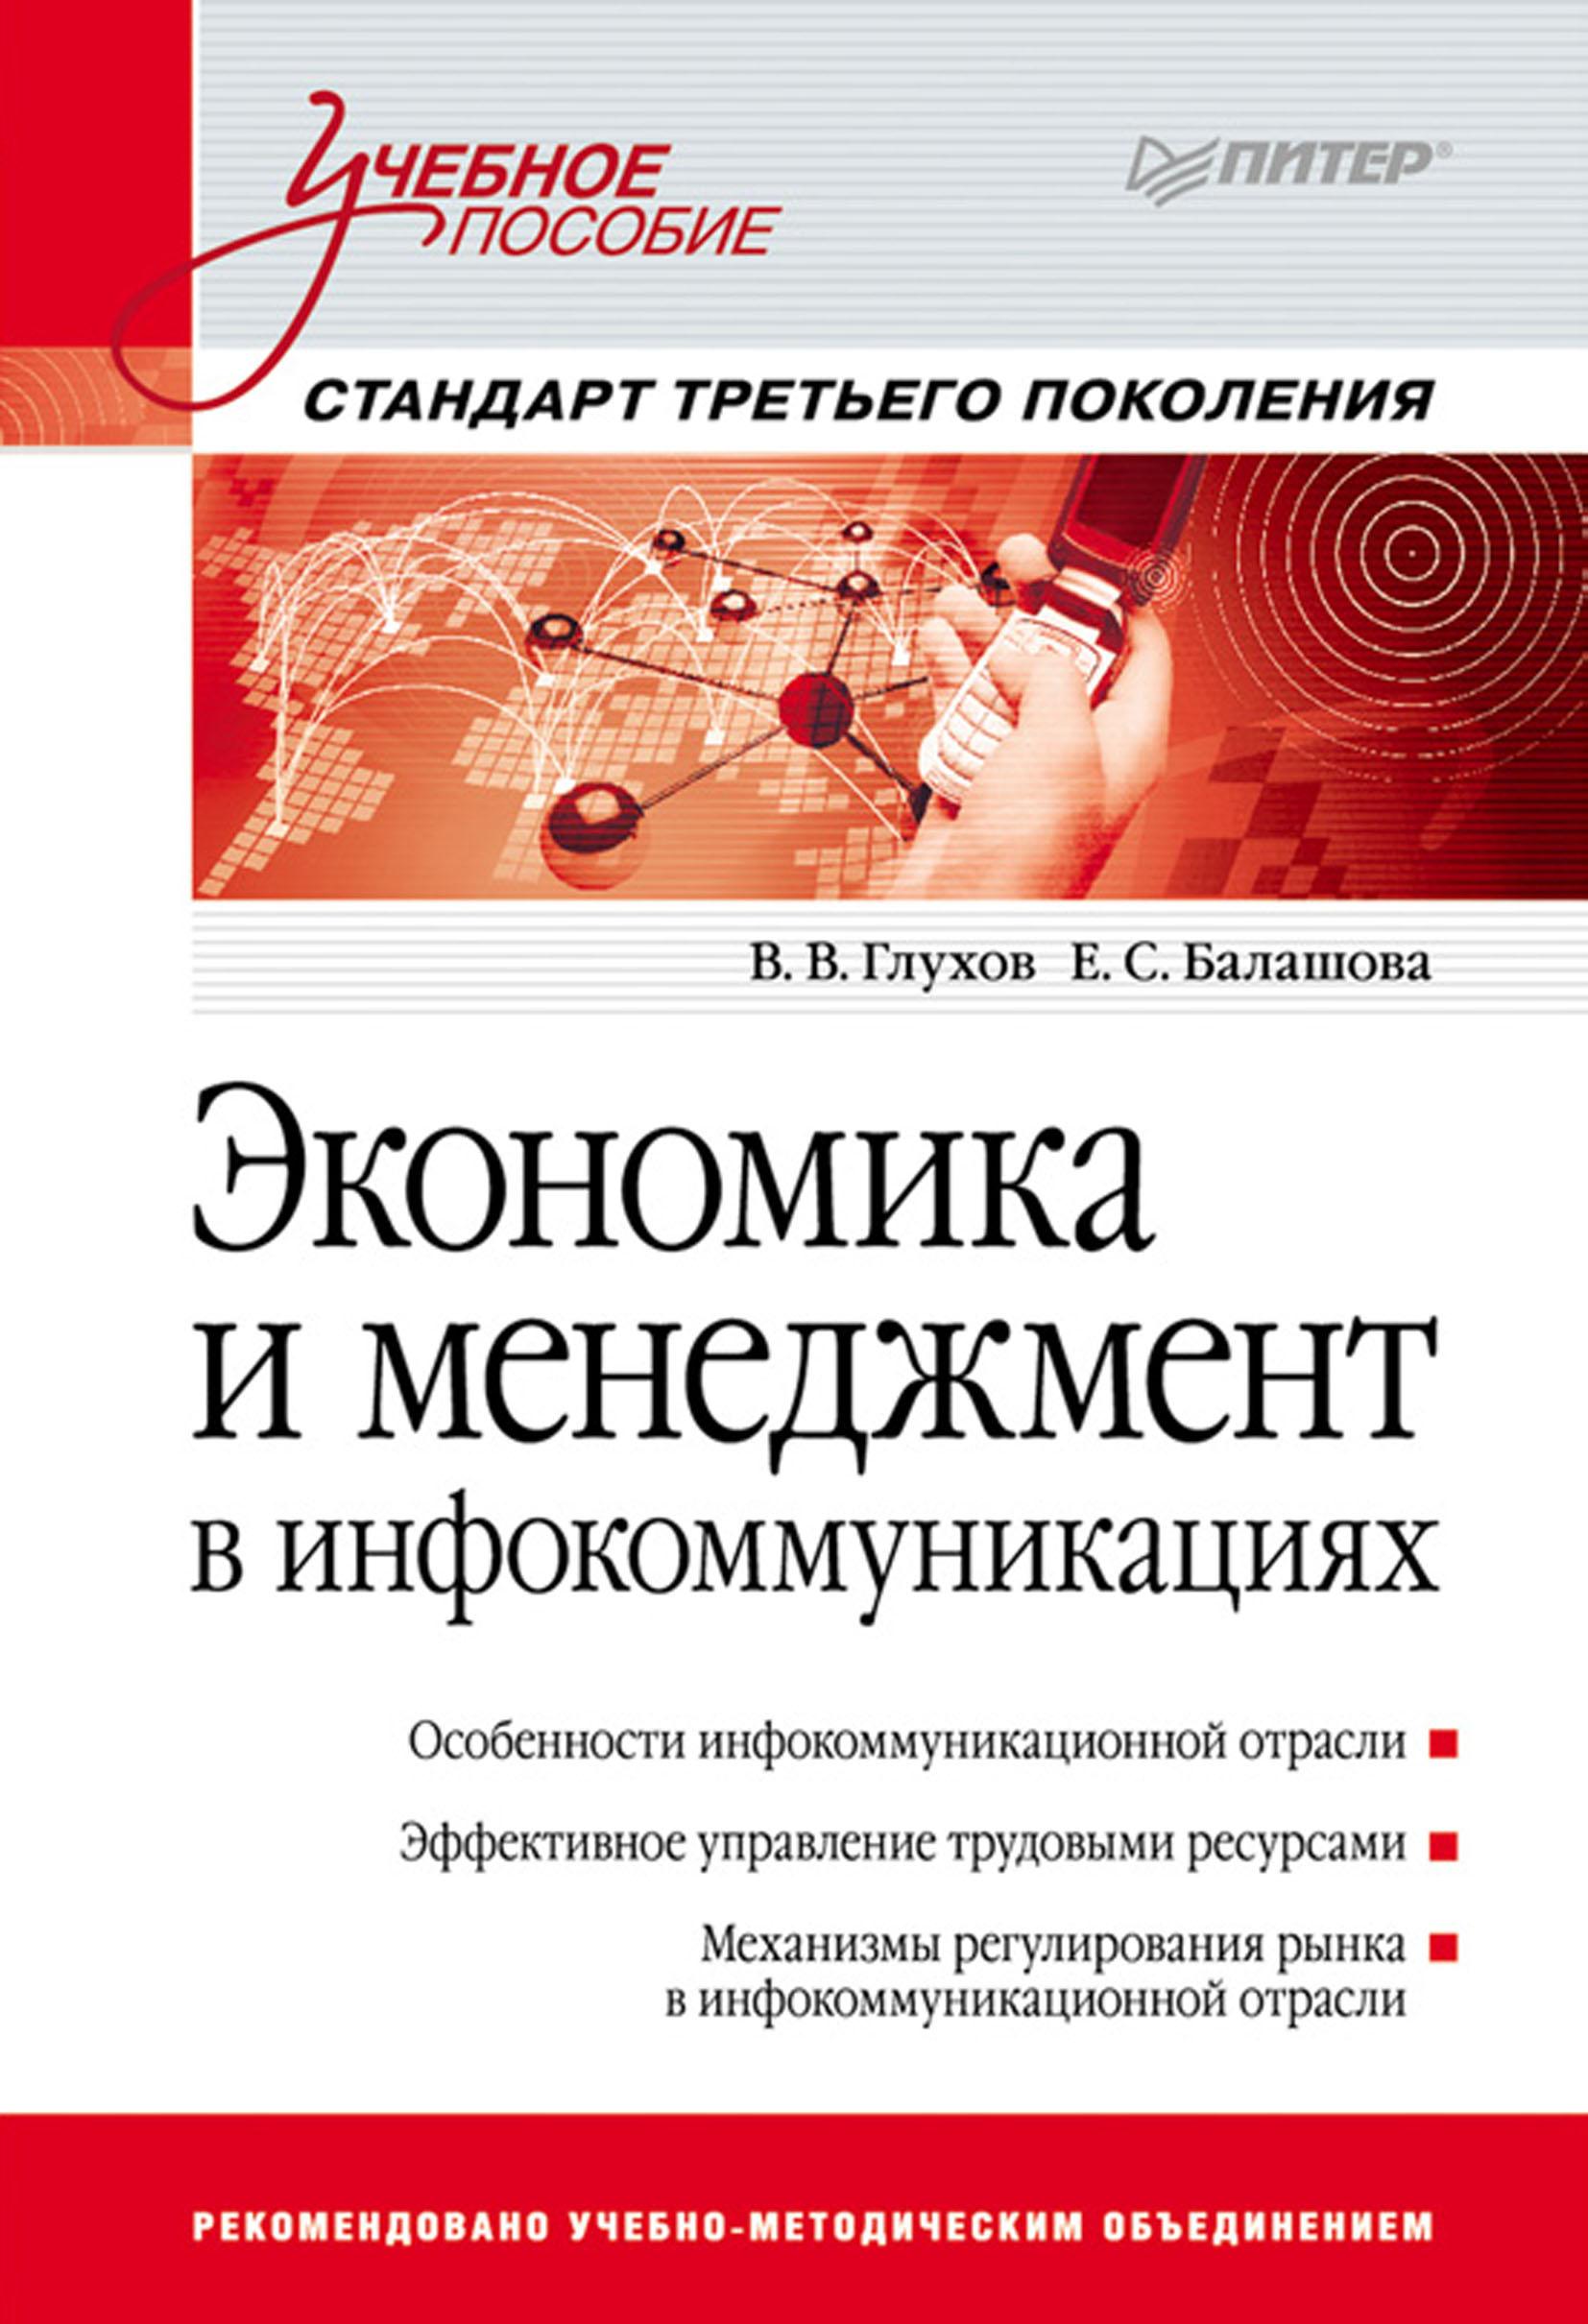 В. В. Глухов Экономика и менеджмент в инфокоммуникациях. Учебное пособие